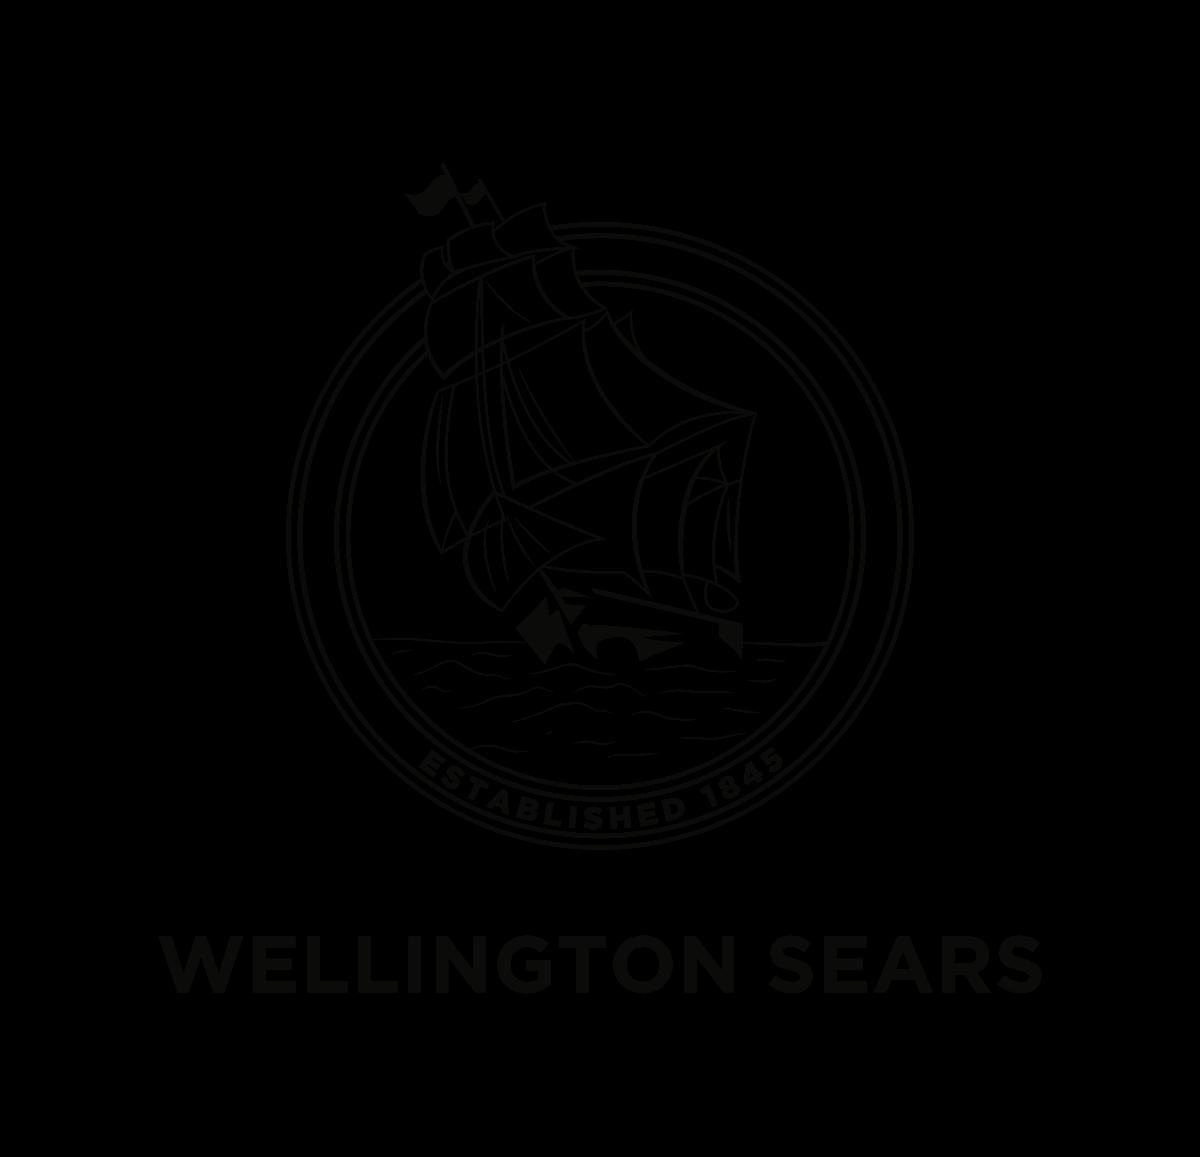 Wellington Sears Design